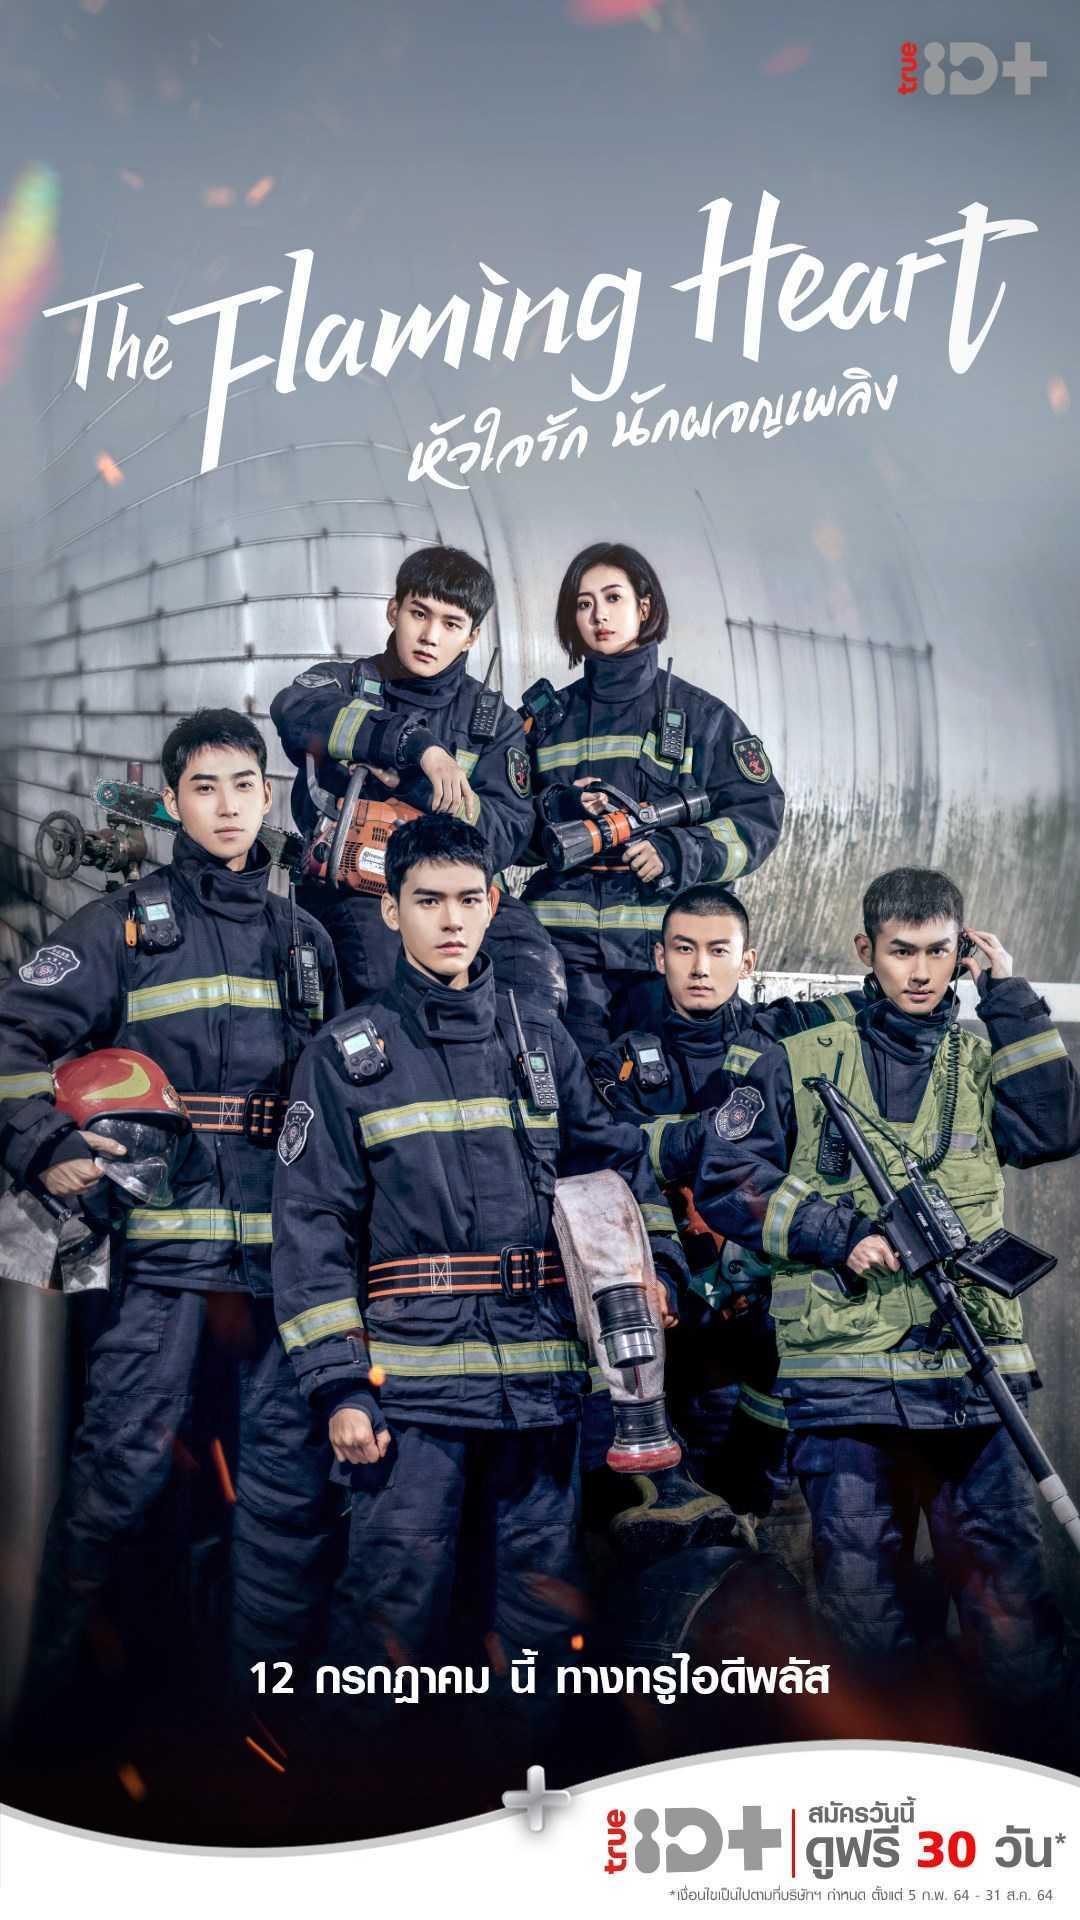 หัวใจรัก-นักผจญเพลิง-the-flaming-heart-2021-ซับไทย-ตอนที่-1-24-จบ-